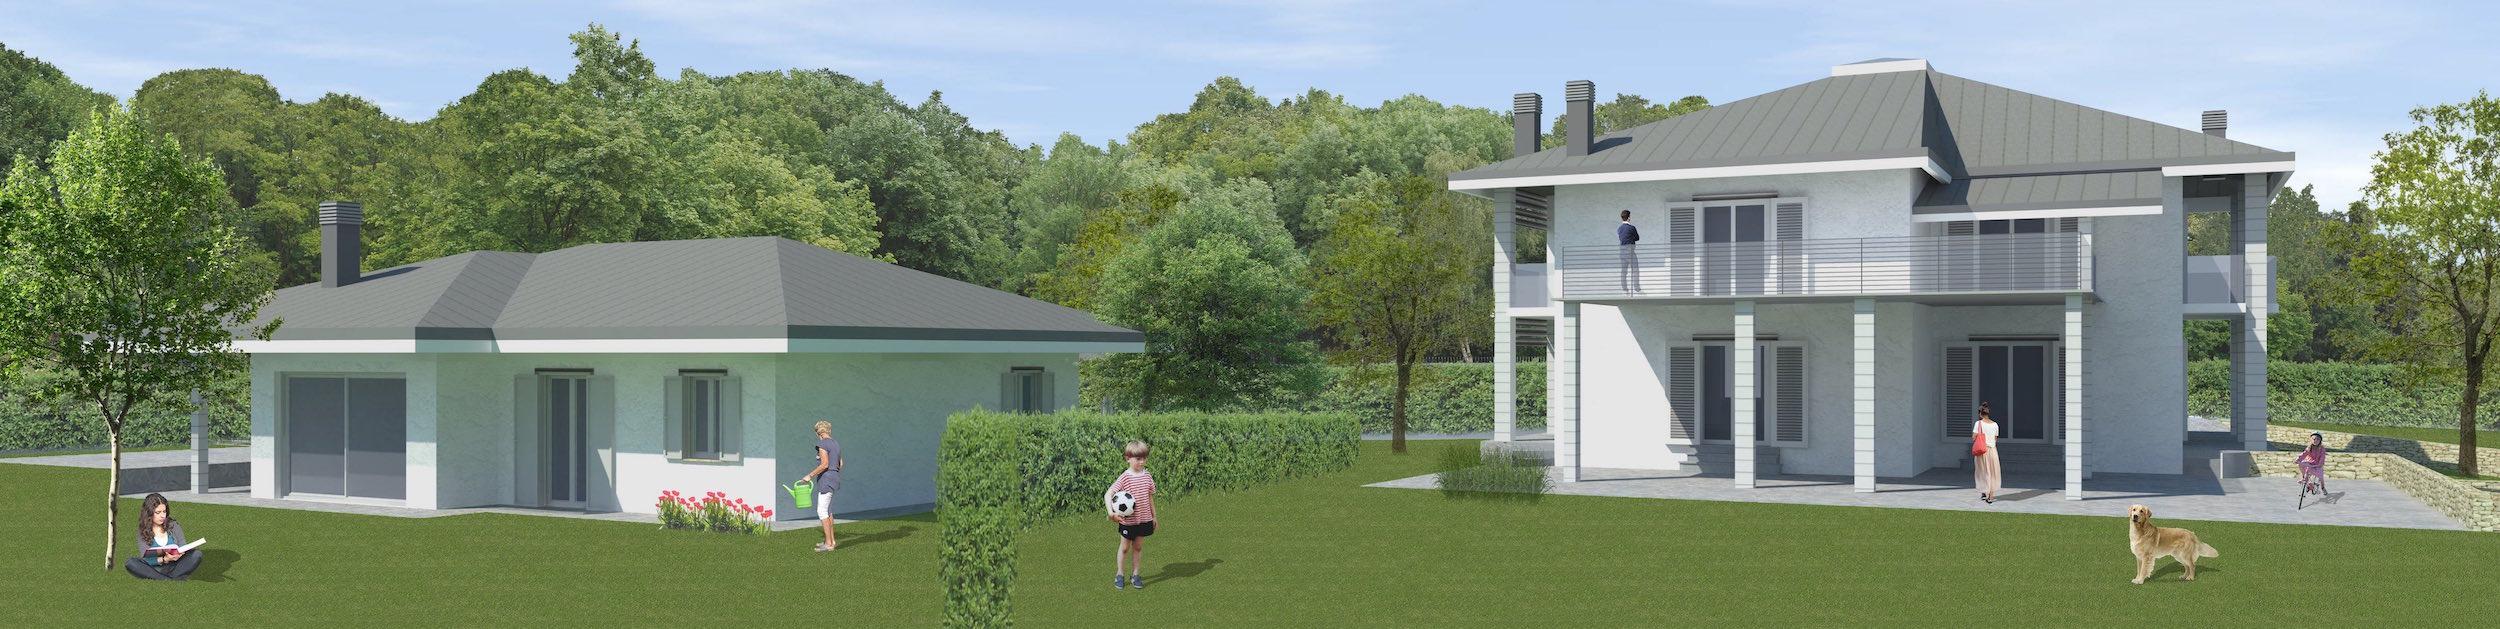 Morgan abitare naturalmente immobiliare morgan for Splendide planimetrie della casa